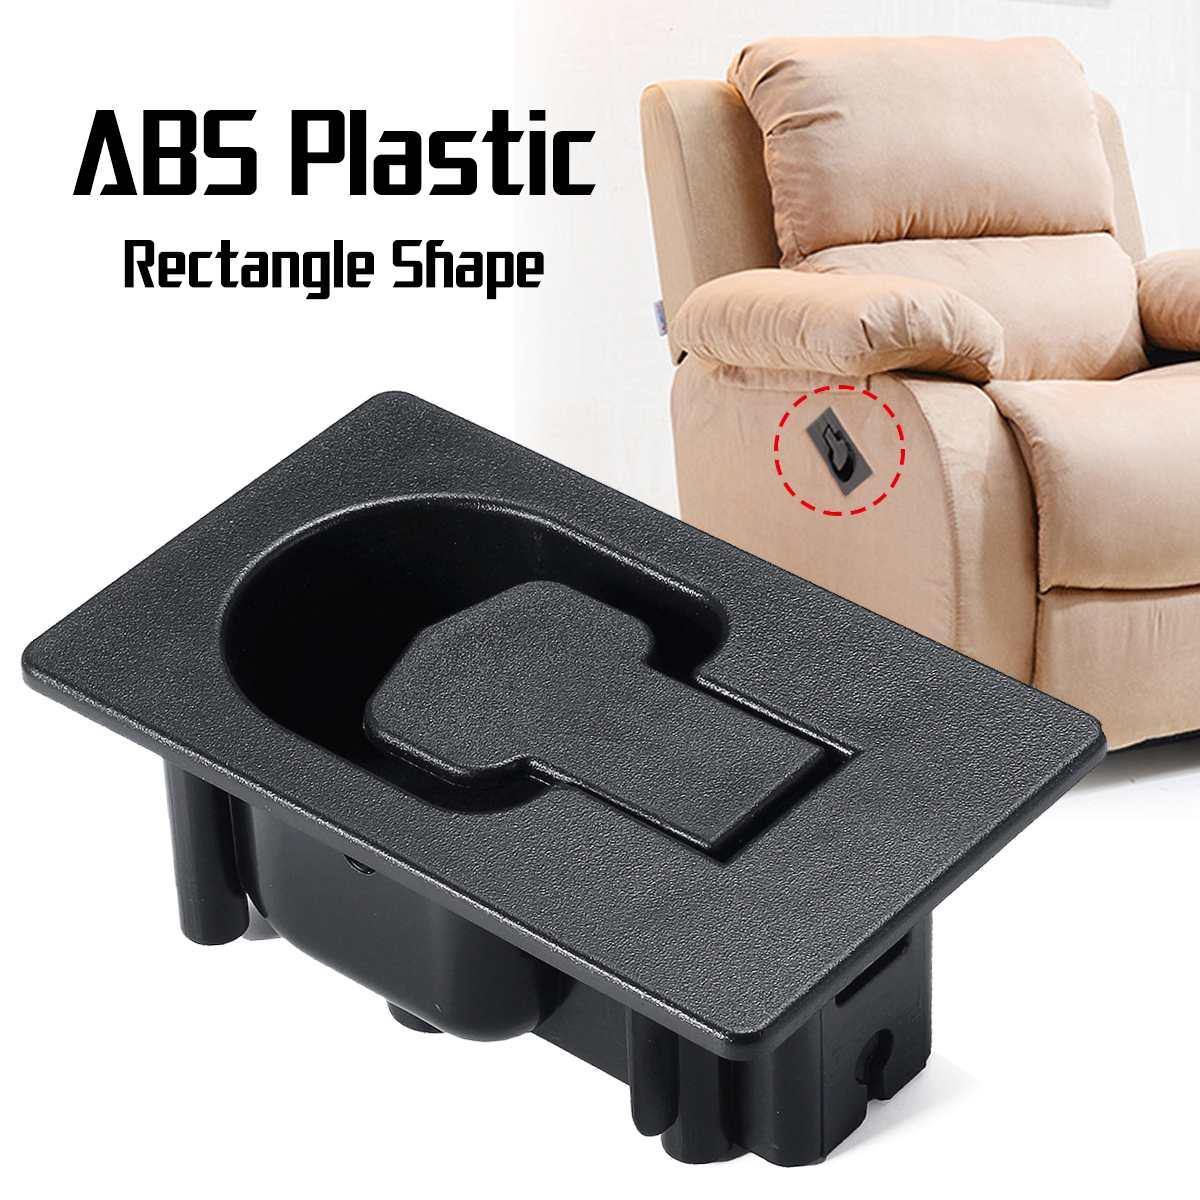 Abs Plastic Handvat Fauteuil Stoel Sofa Couch Ontsluitingshendel Vervanging Rechthoek Lage Prijs